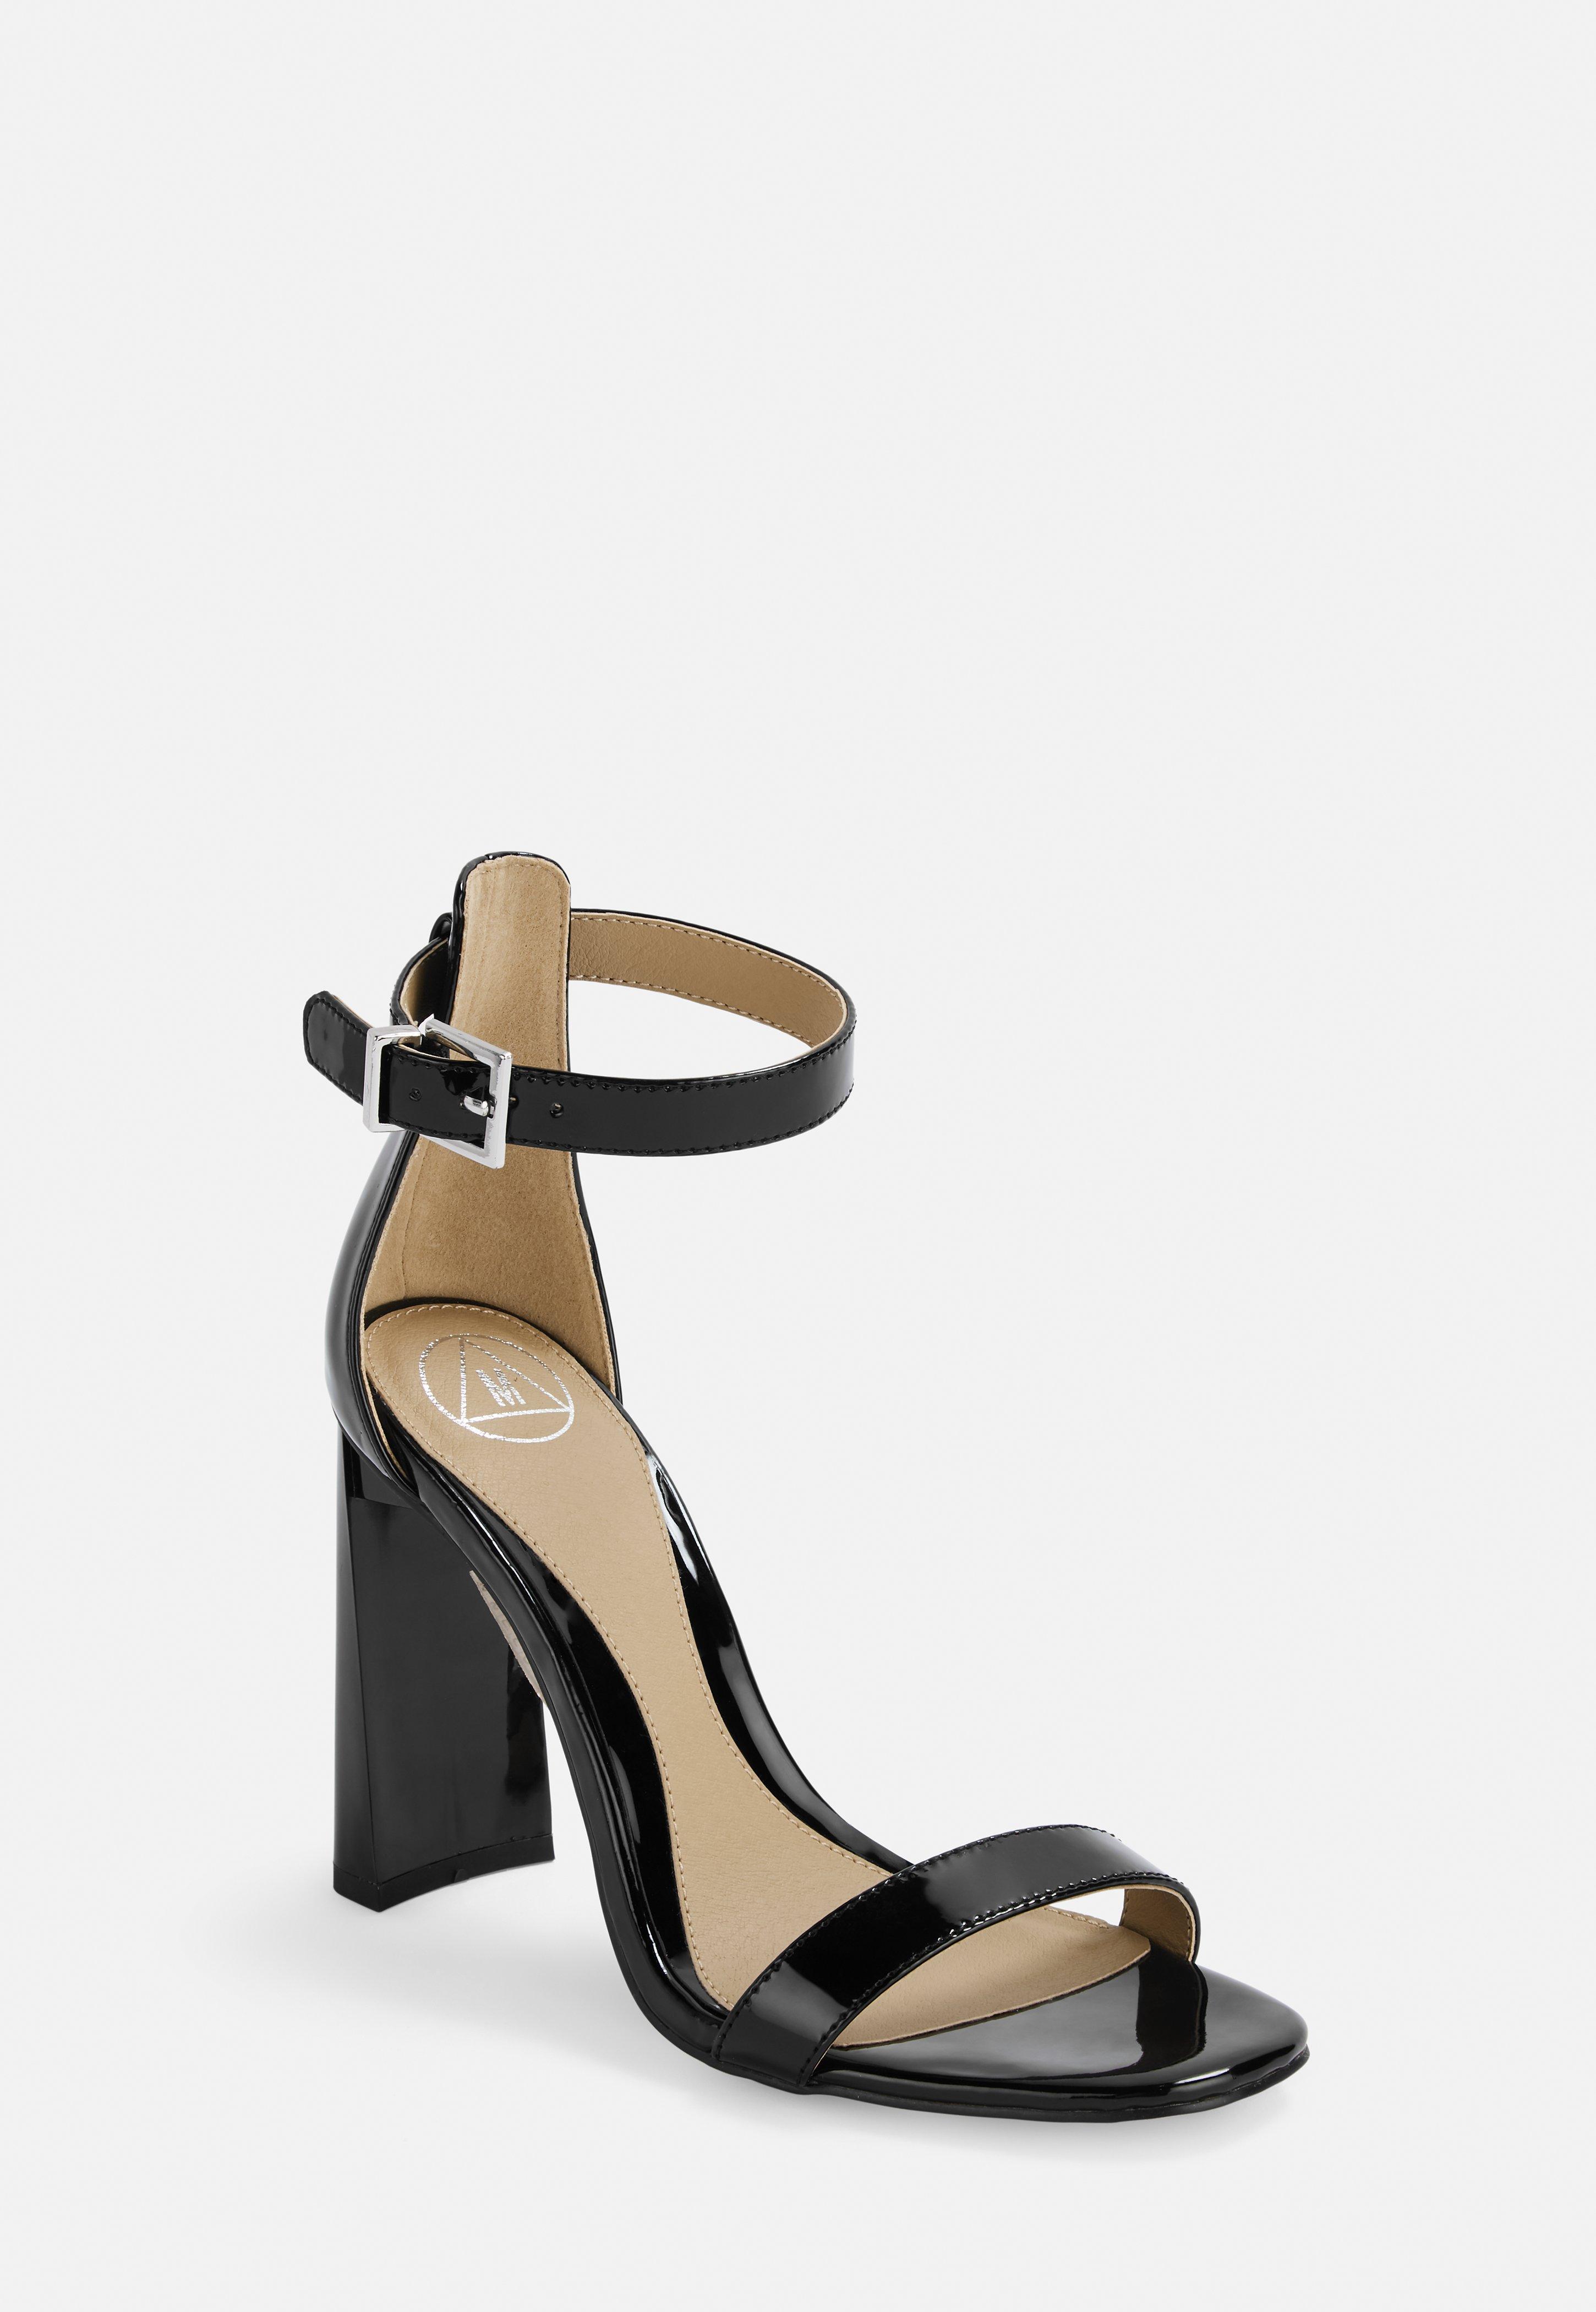 9ee4036c64 High Heels & Stilettos | Strappy Heels Online - Missguided